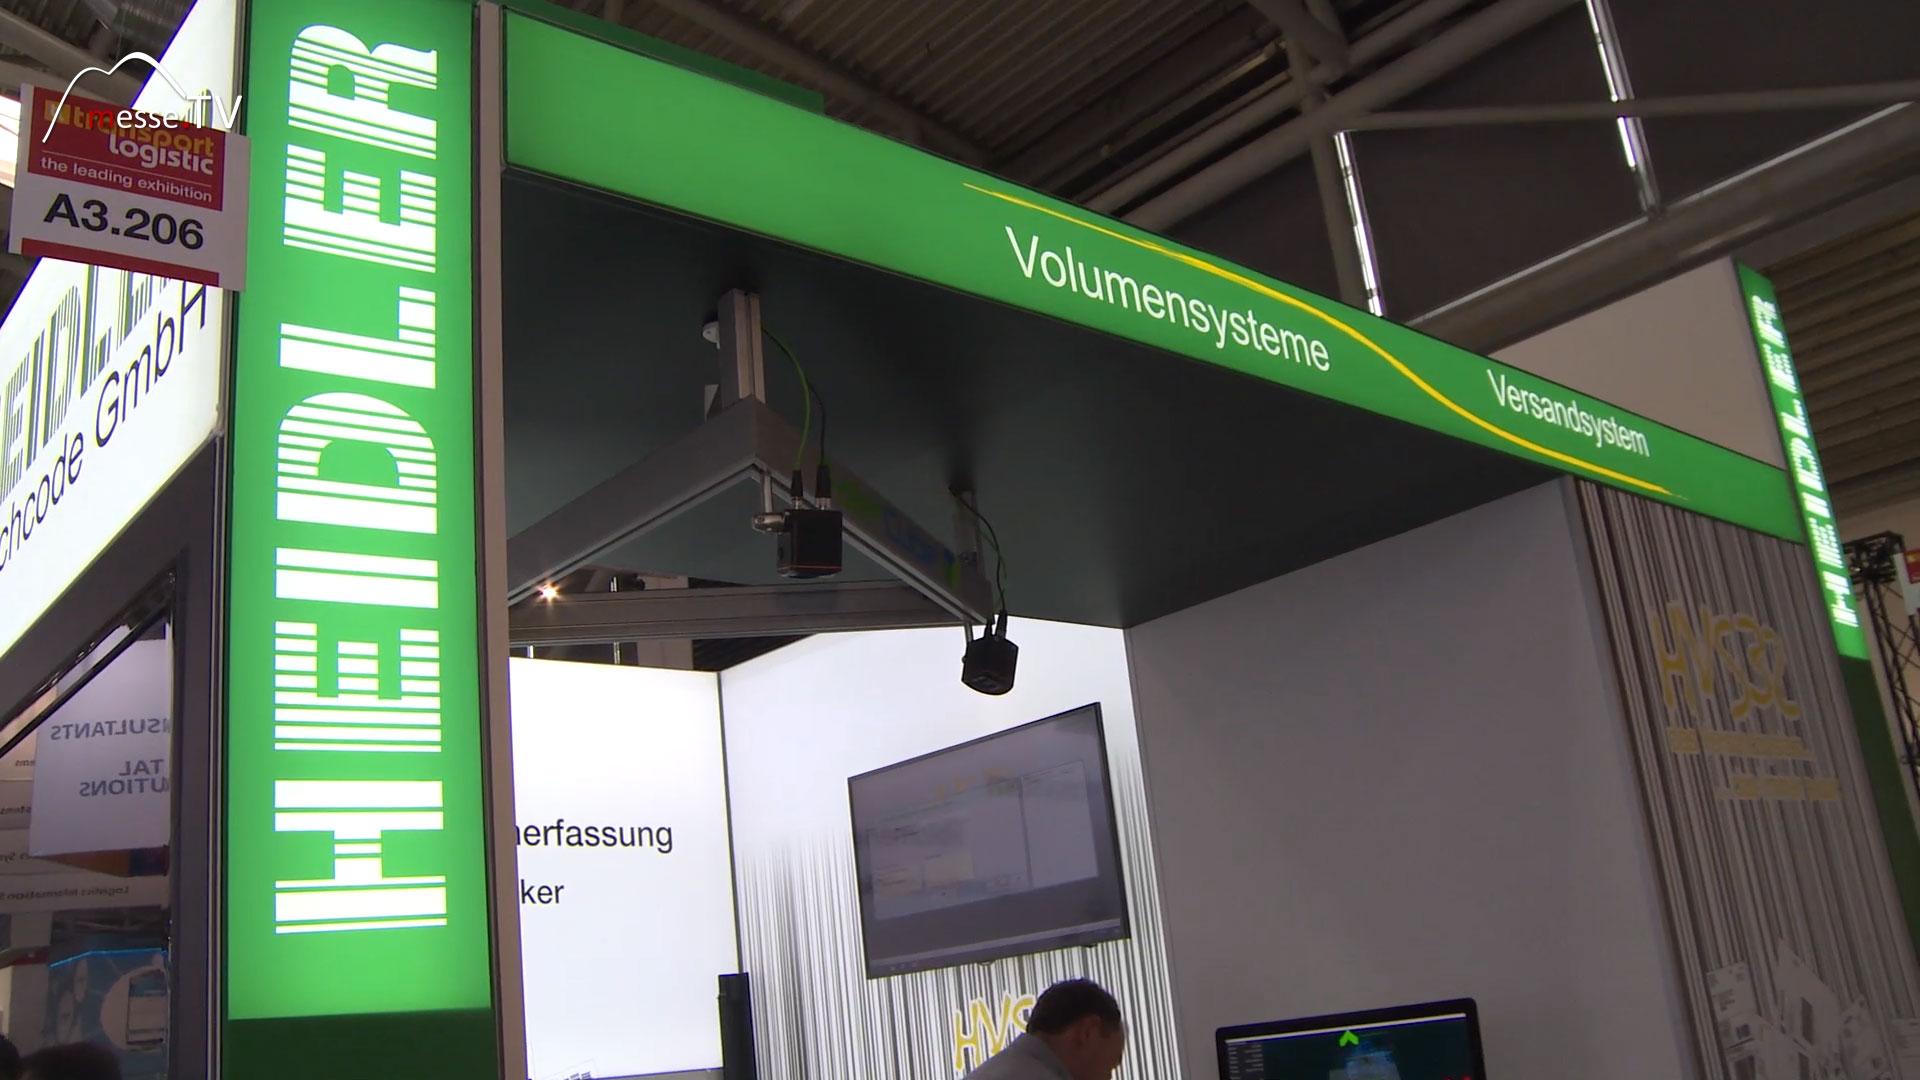 HEIDLER Versandsystem und Volumensysteme, transport logistic München